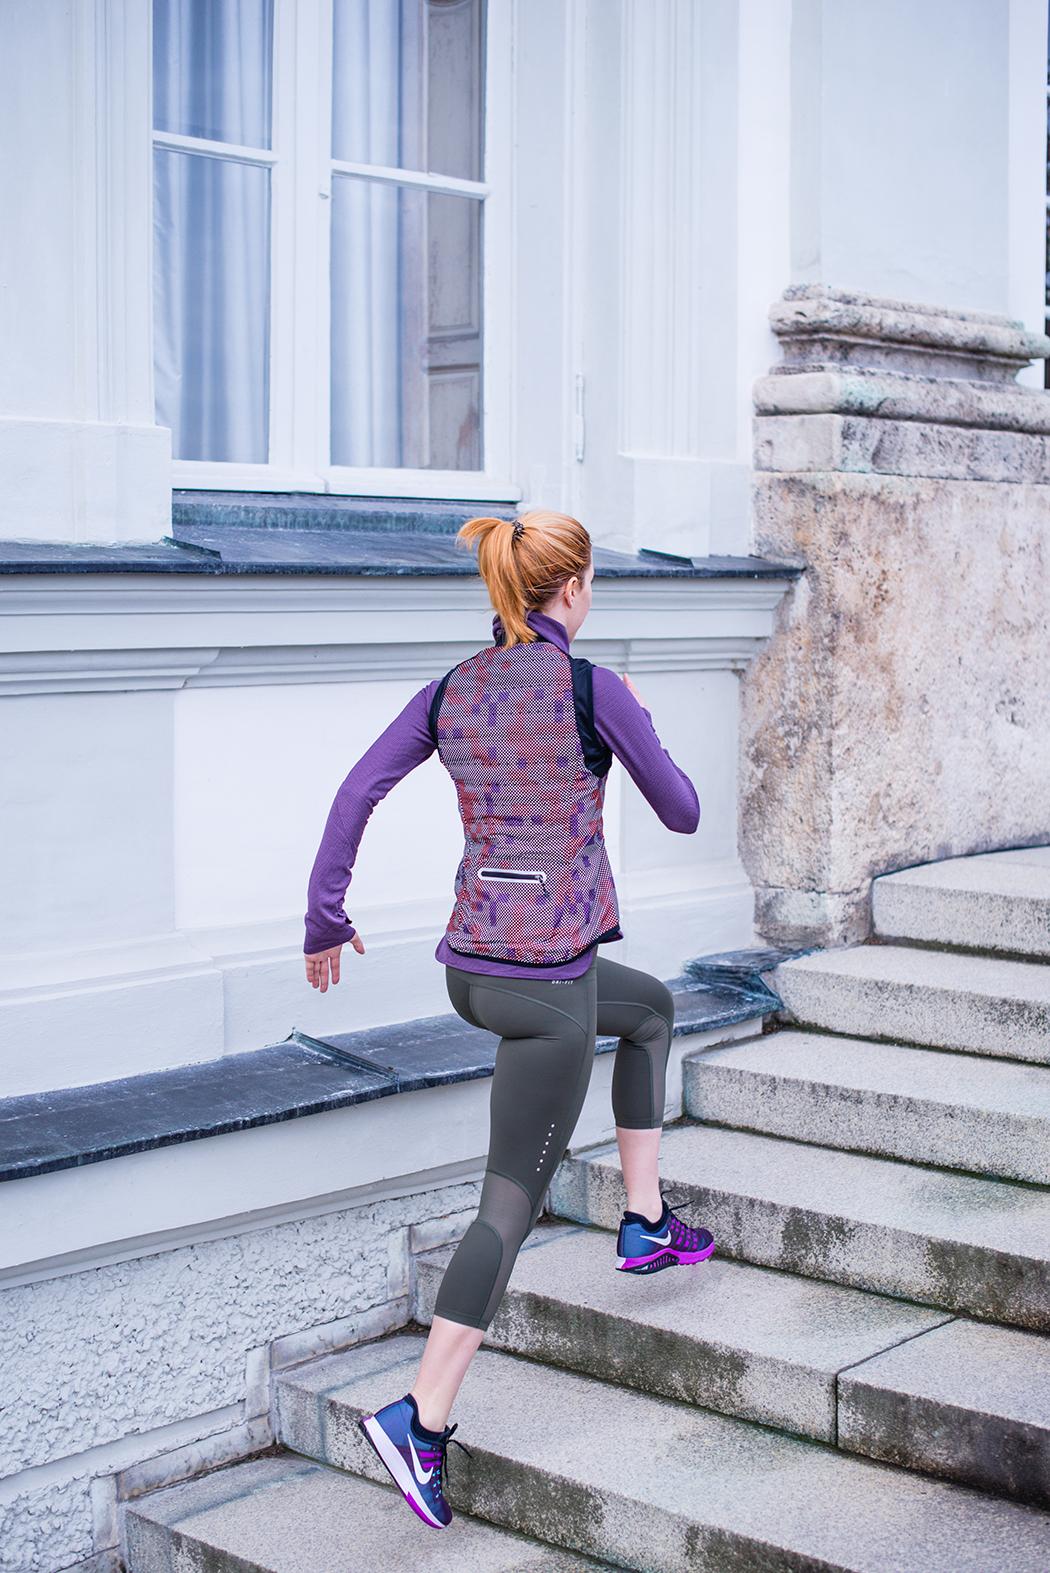 Fitnessblog-Fitnessblogger-Fitness-Blog-Blogger-Running-Nike-Flash-Kollektion-Munich-Deutschland-Muenchen-Lindarella-2-web